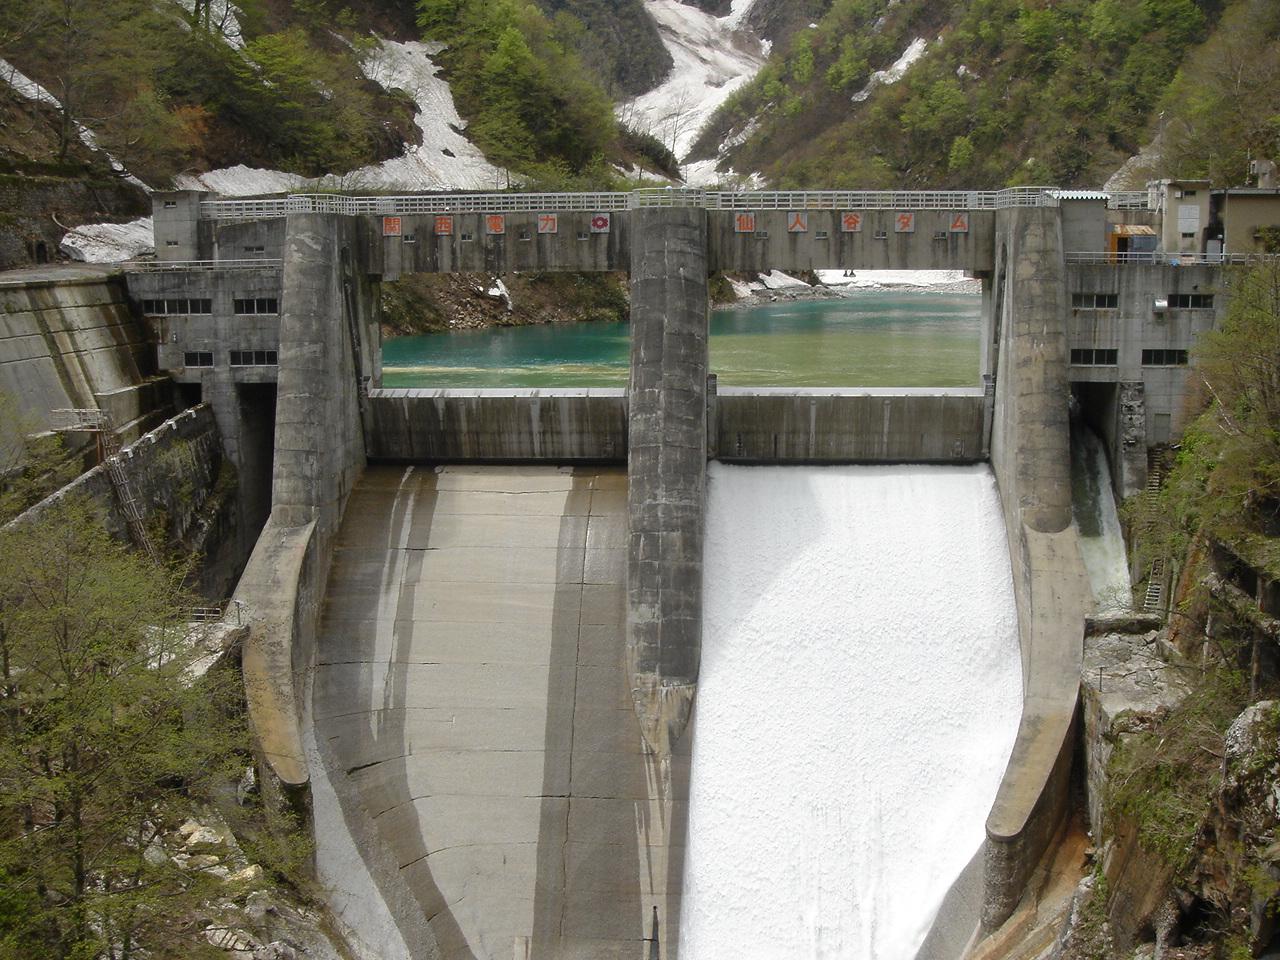 仙人谷ダム No.030 昭和15年に建設された重力式コンクリートダム... 立山 黒部 写真